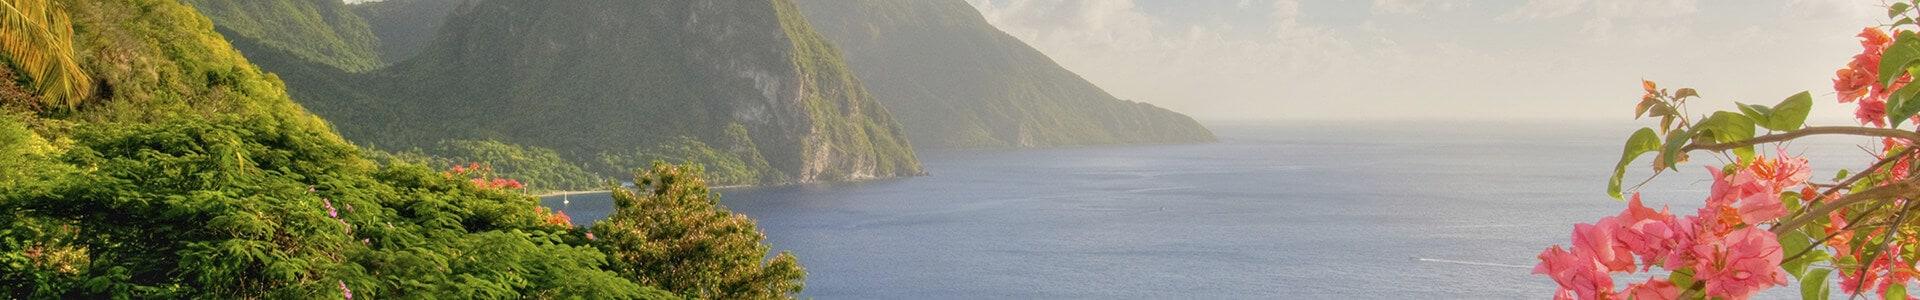 Voyage à Sainte-Lucie - TUI